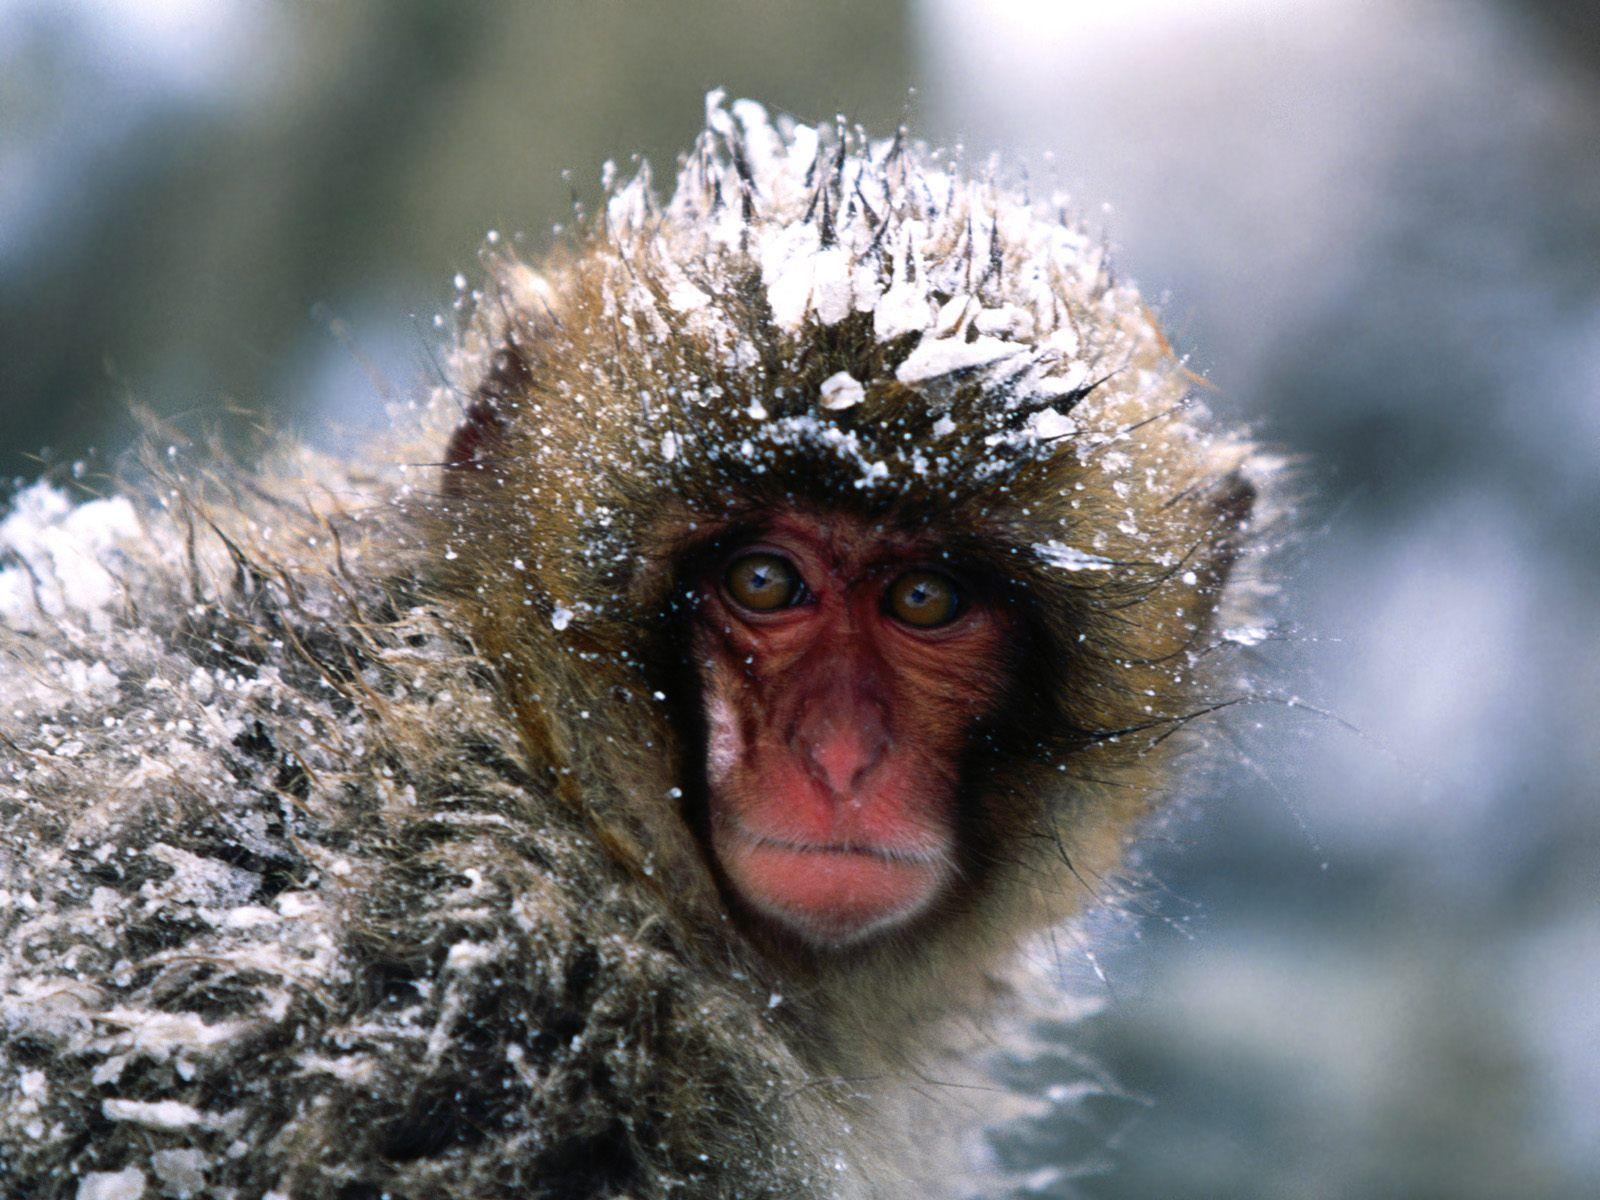 动物世界-猴子(1600x1200)壁纸